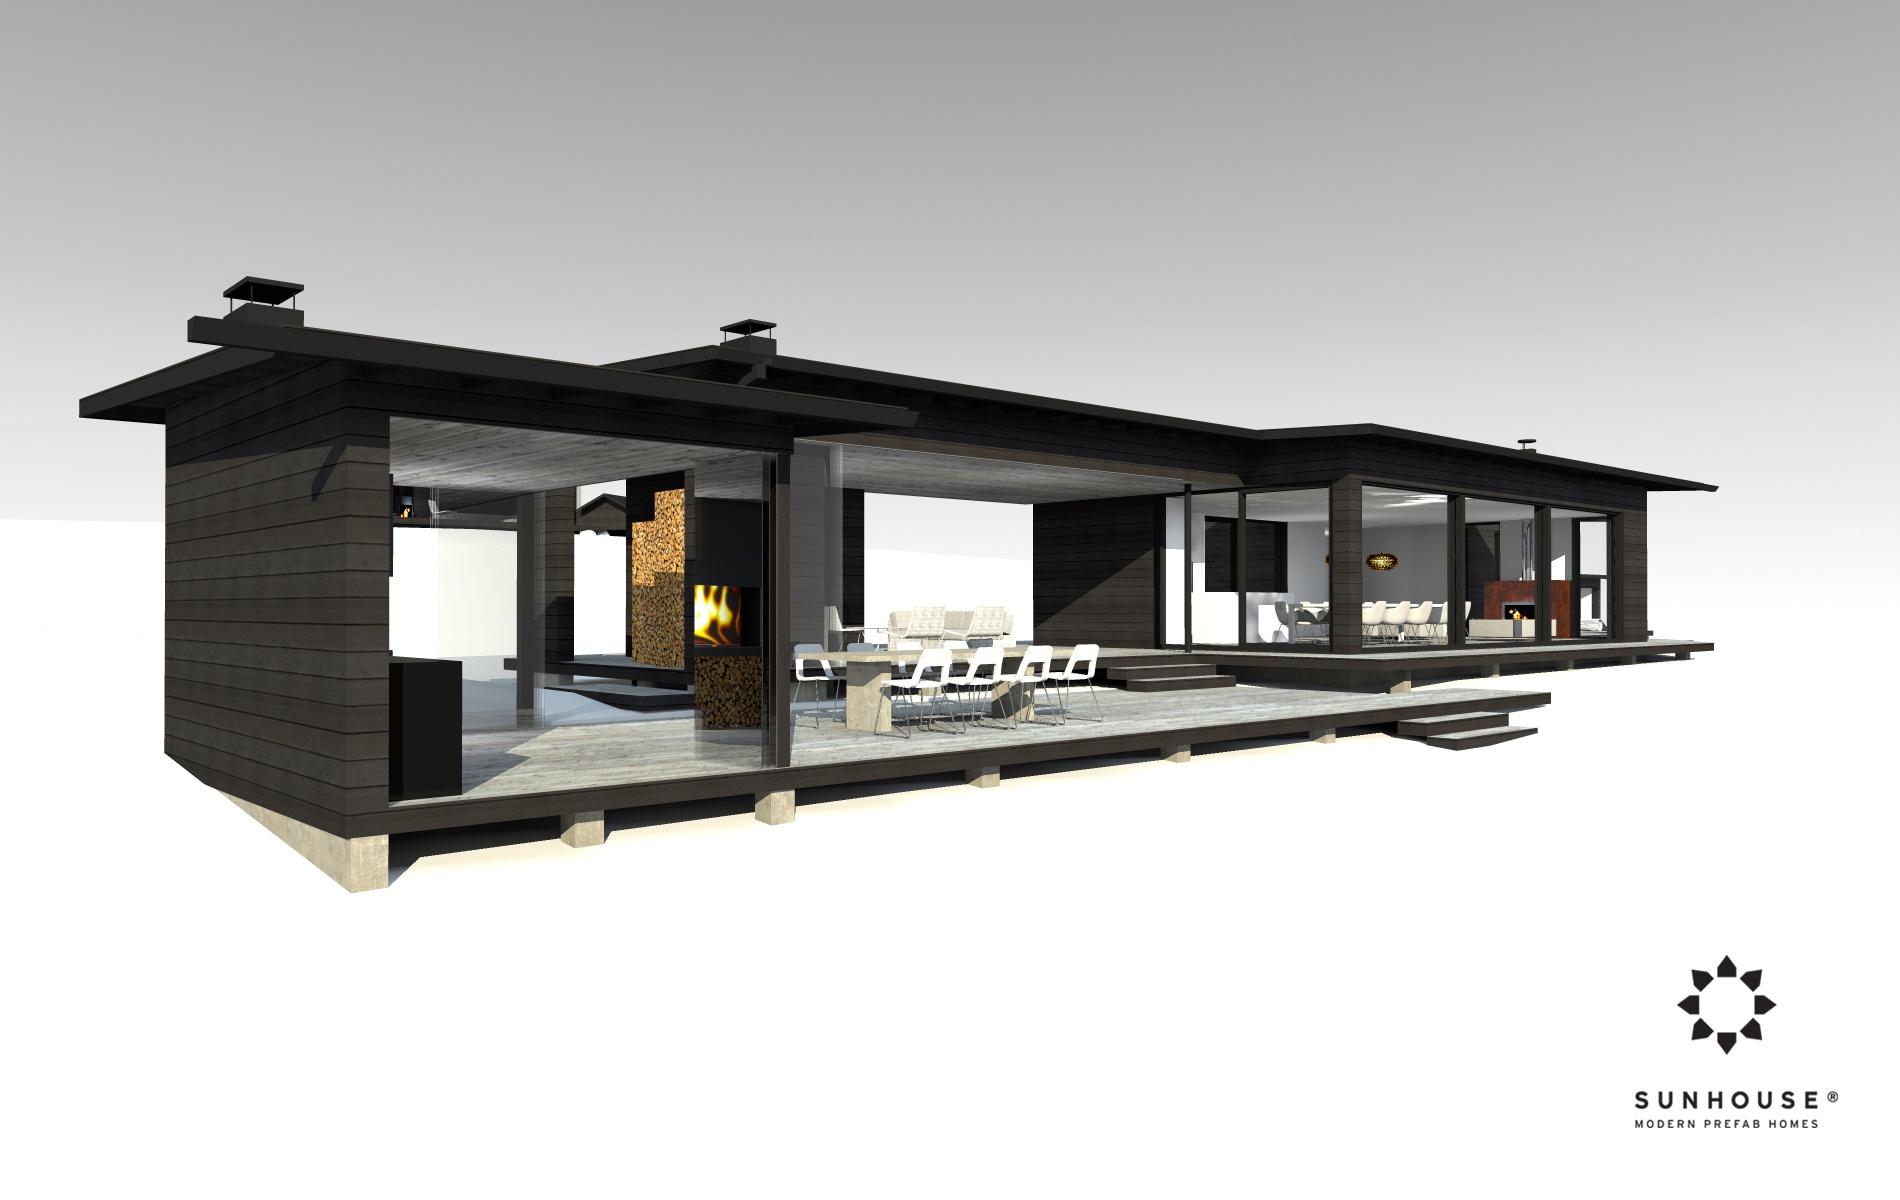 Sunhouse S1412 - Moderni vapaa-ajan asunto-2